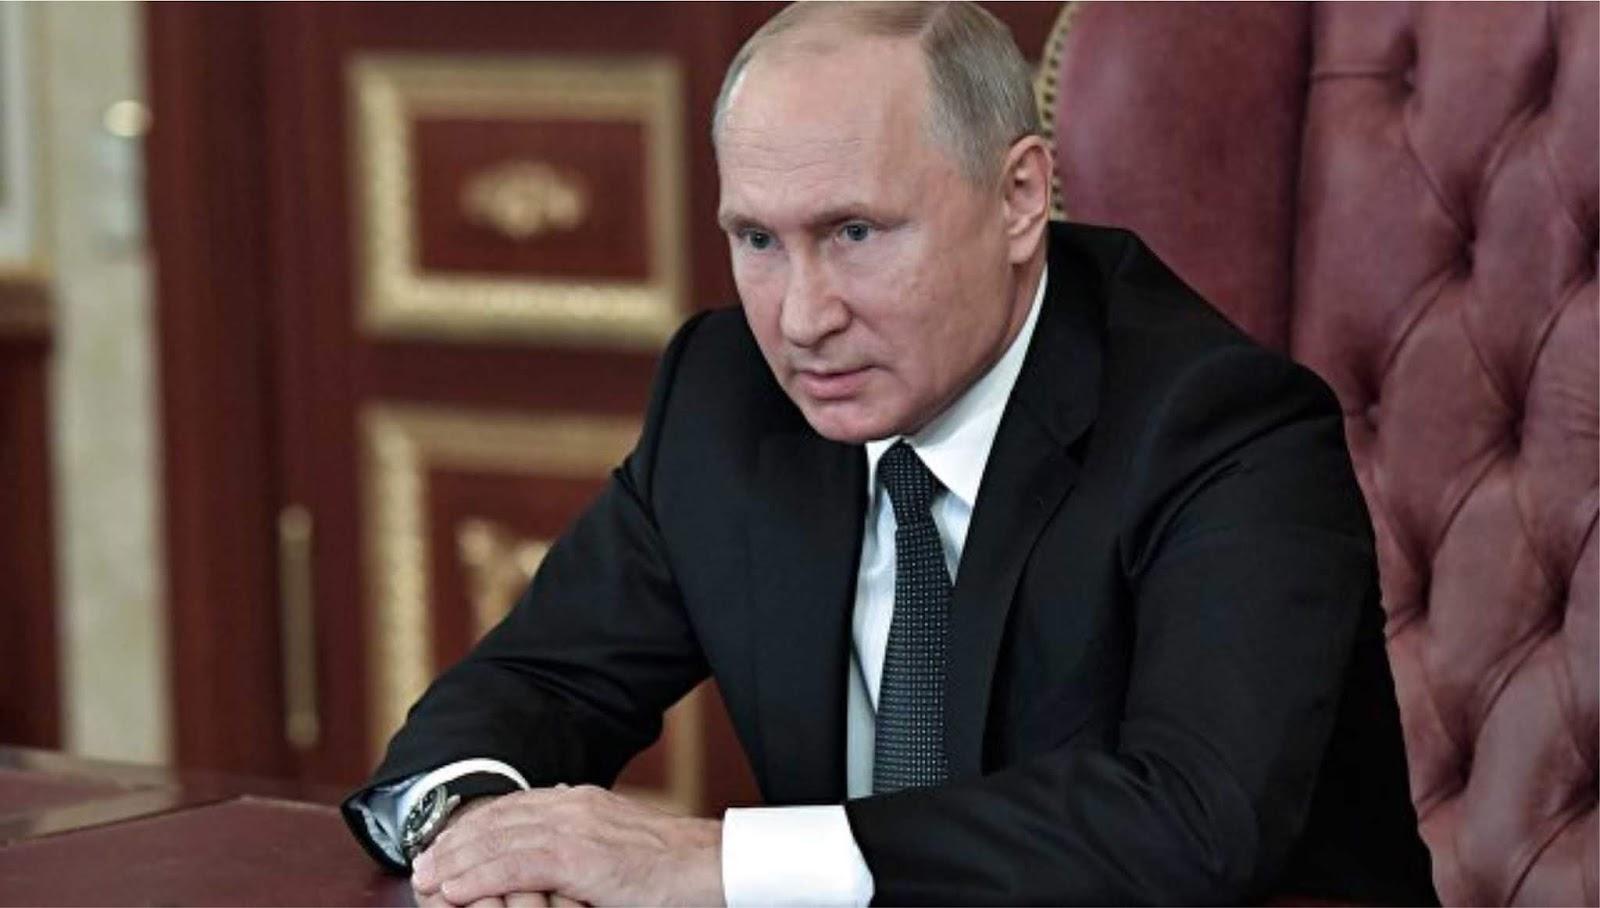 Negara-negara Eropa menempatkan wilayahnya dalam bahaya dari senjata Rusia, jika